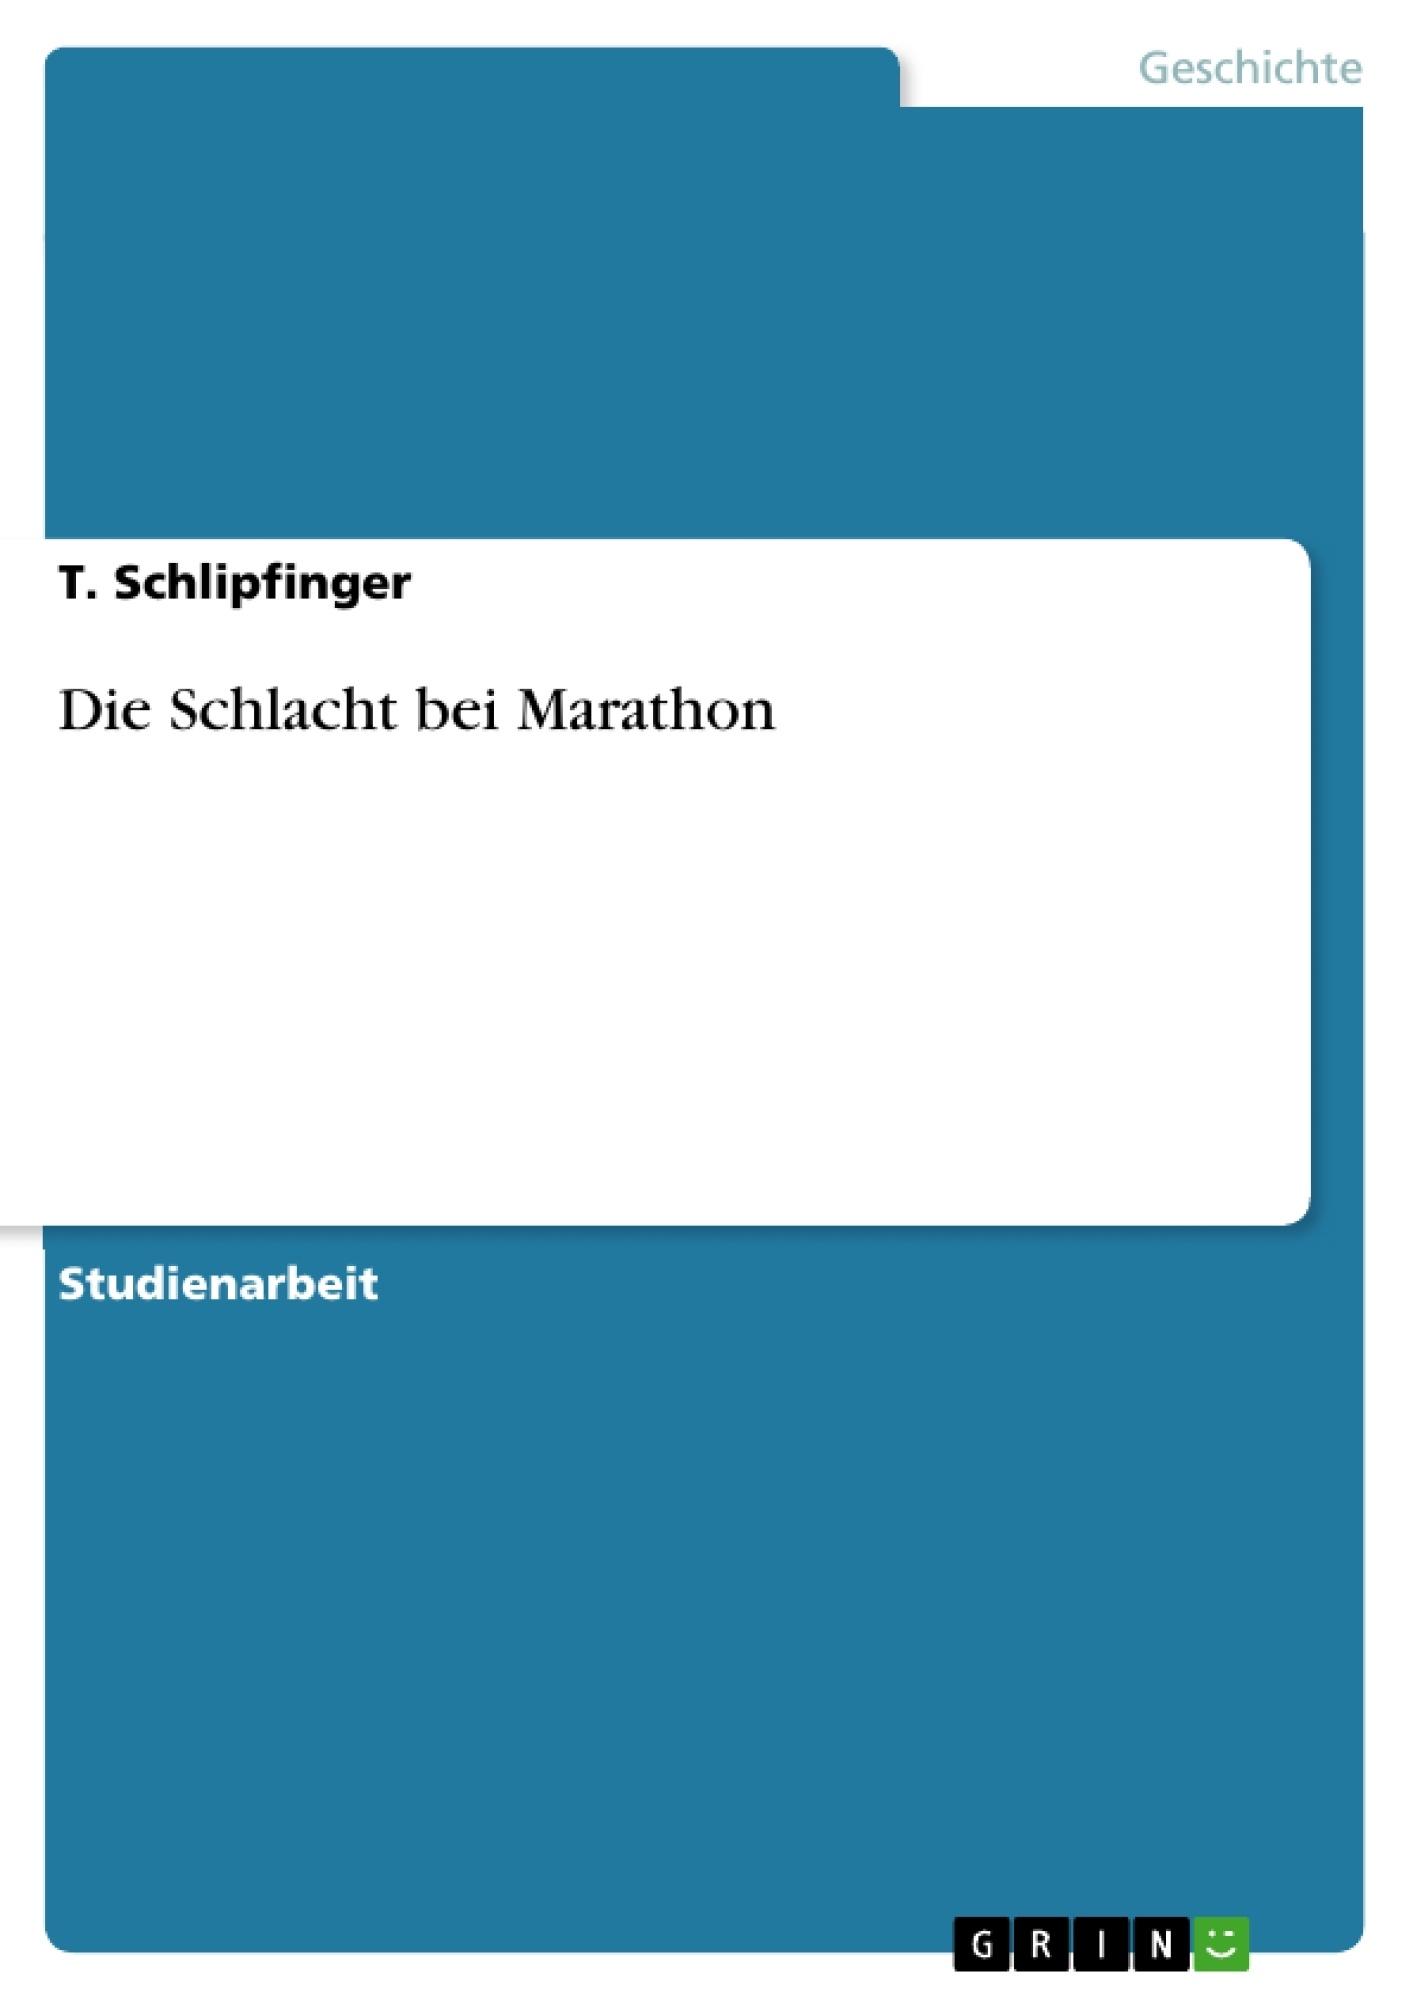 Titel: Die Schlacht bei Marathon